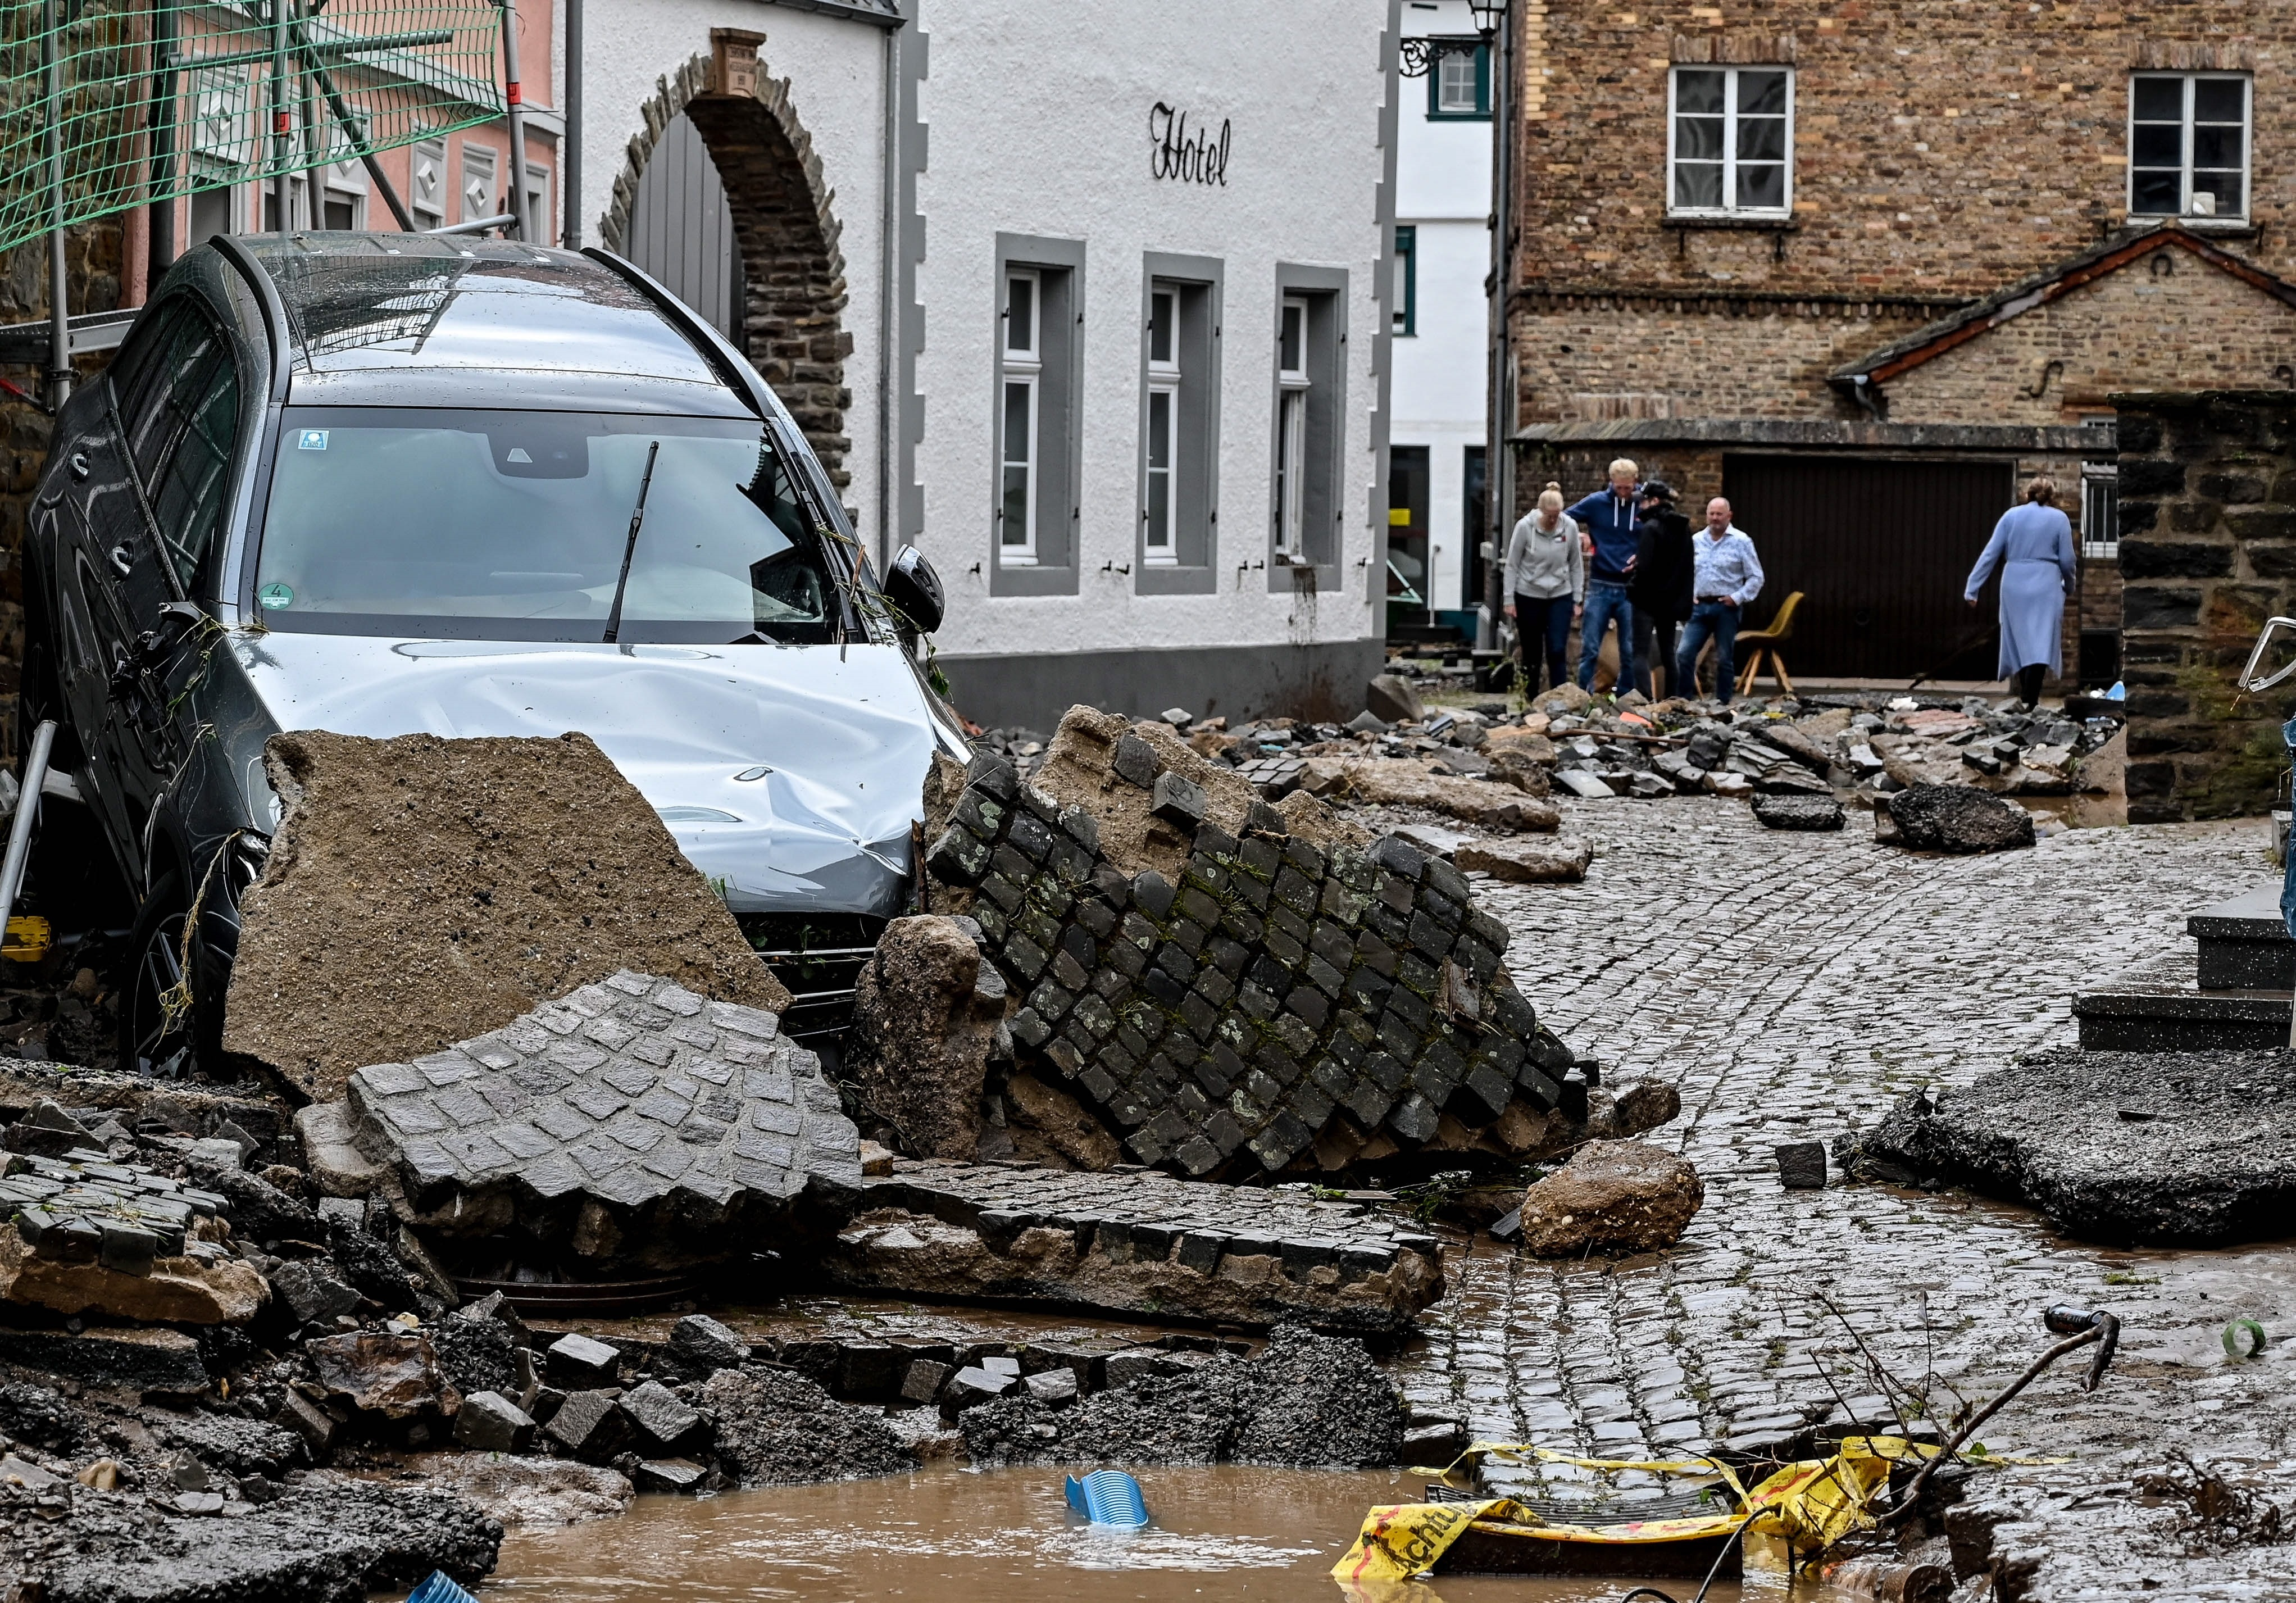 Una carretera afectada por el temporal en Bad Muenstereifel, Alemania